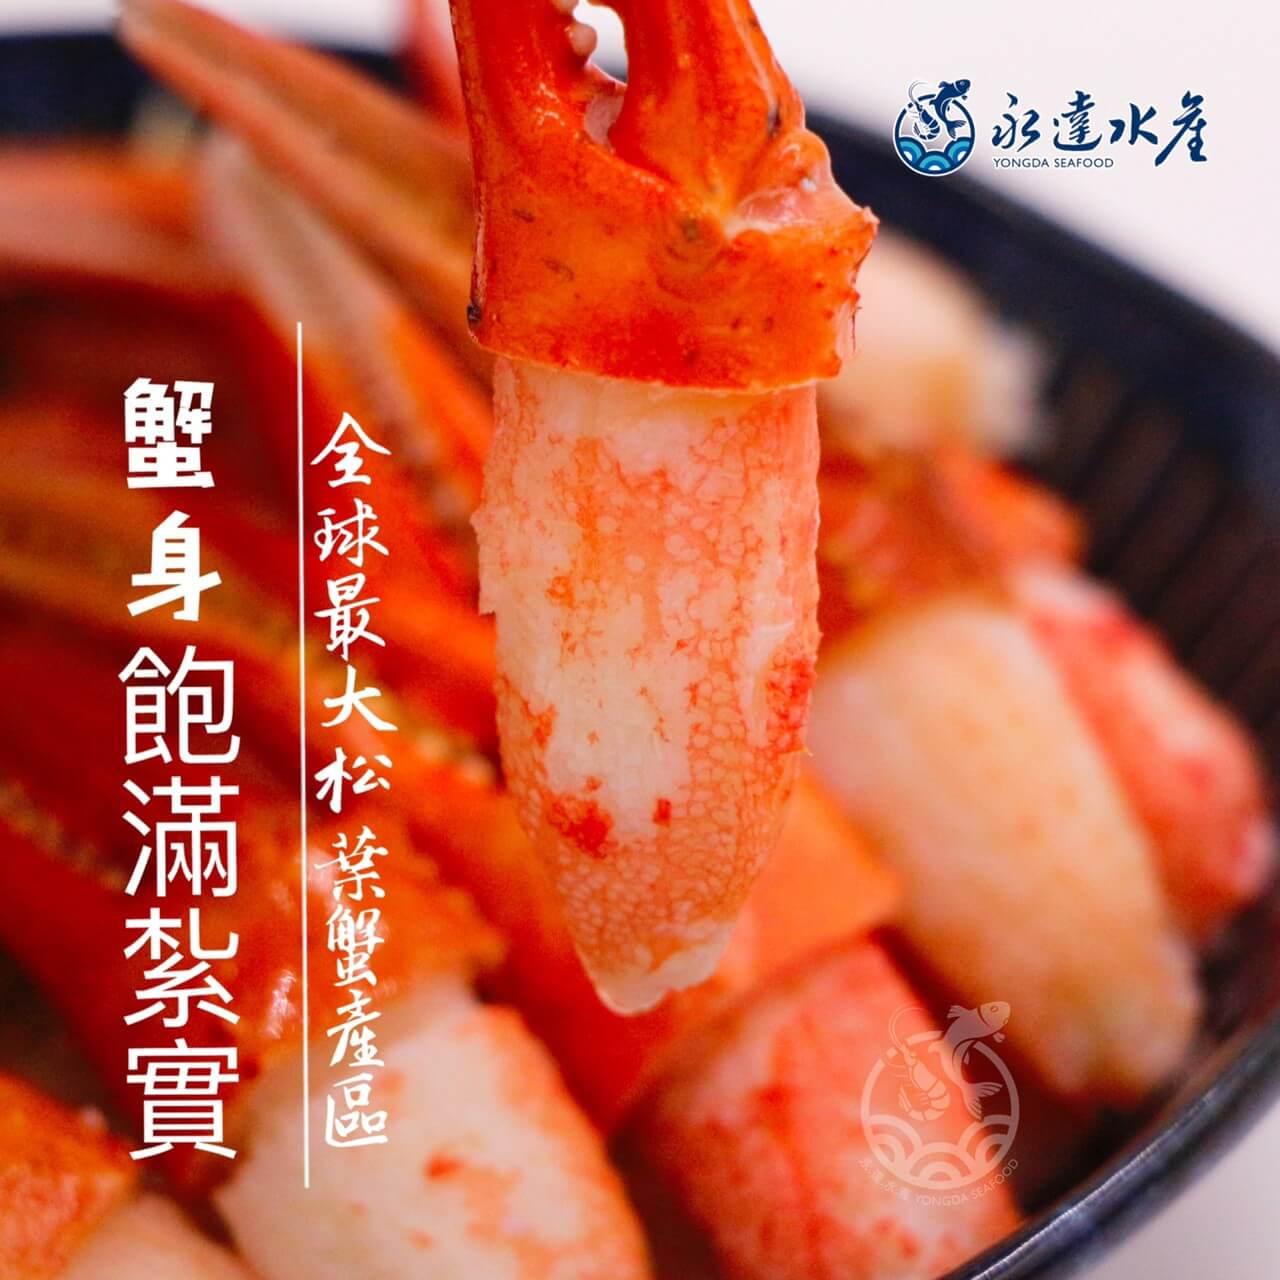 水產|海鮮|日本原裝松葉蟹鉗|松葉蟹|雪蟹|楚蟹|津和井蟹|蟹鉗|蟹肉|螃蟹|蟹